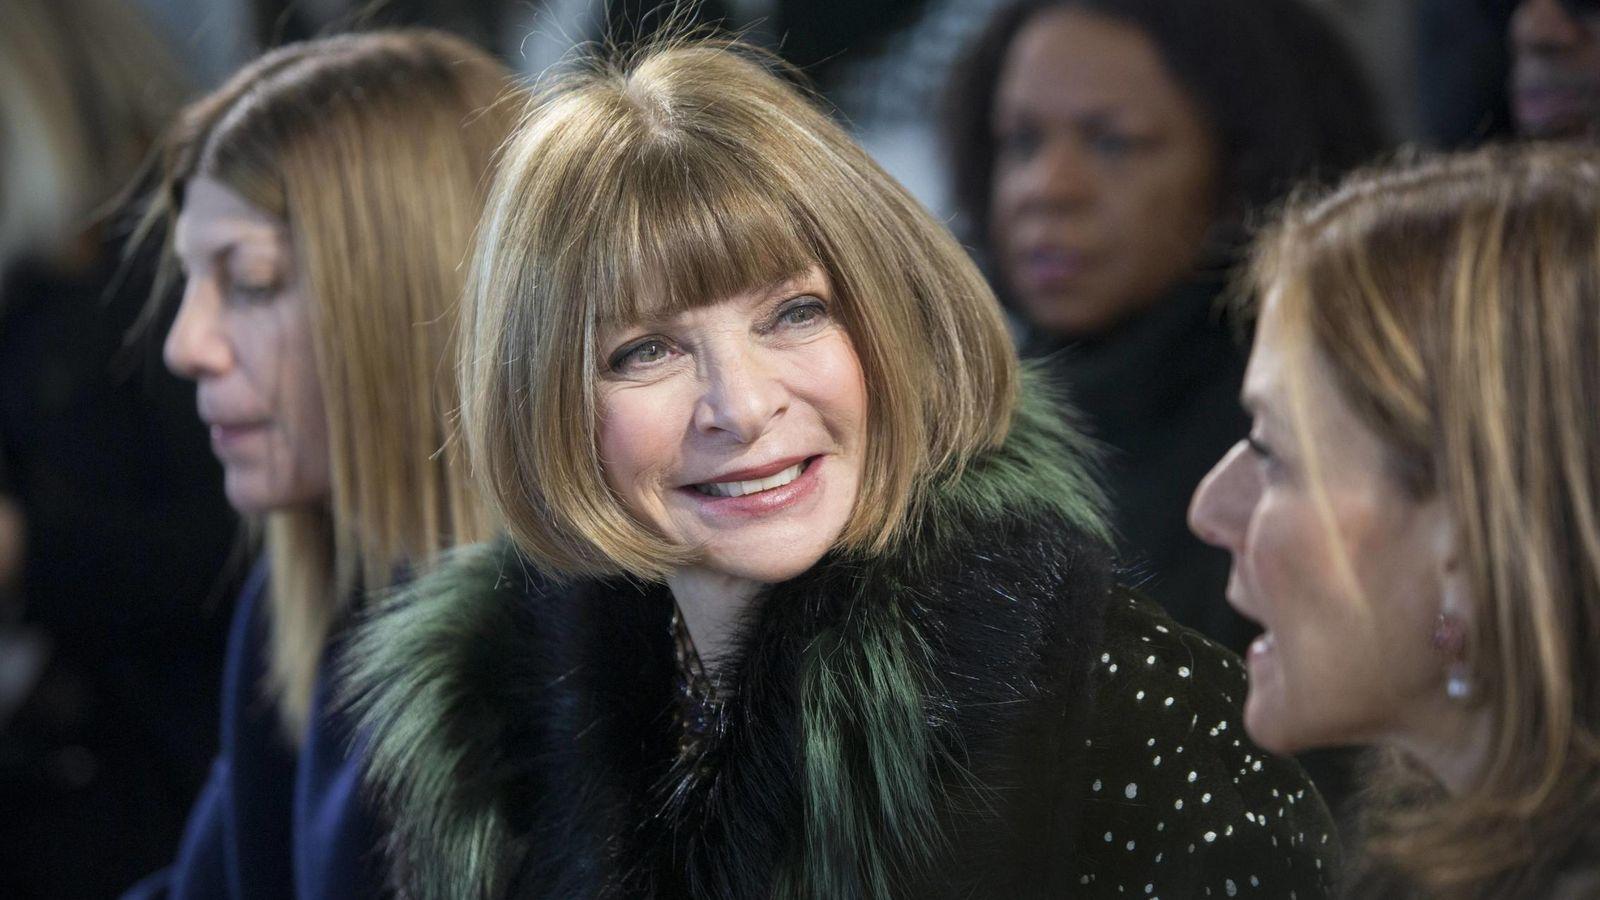 Foto: Anna Wintour, en un pase de moda en Nueva York. REUTERS/Andrew Kelly